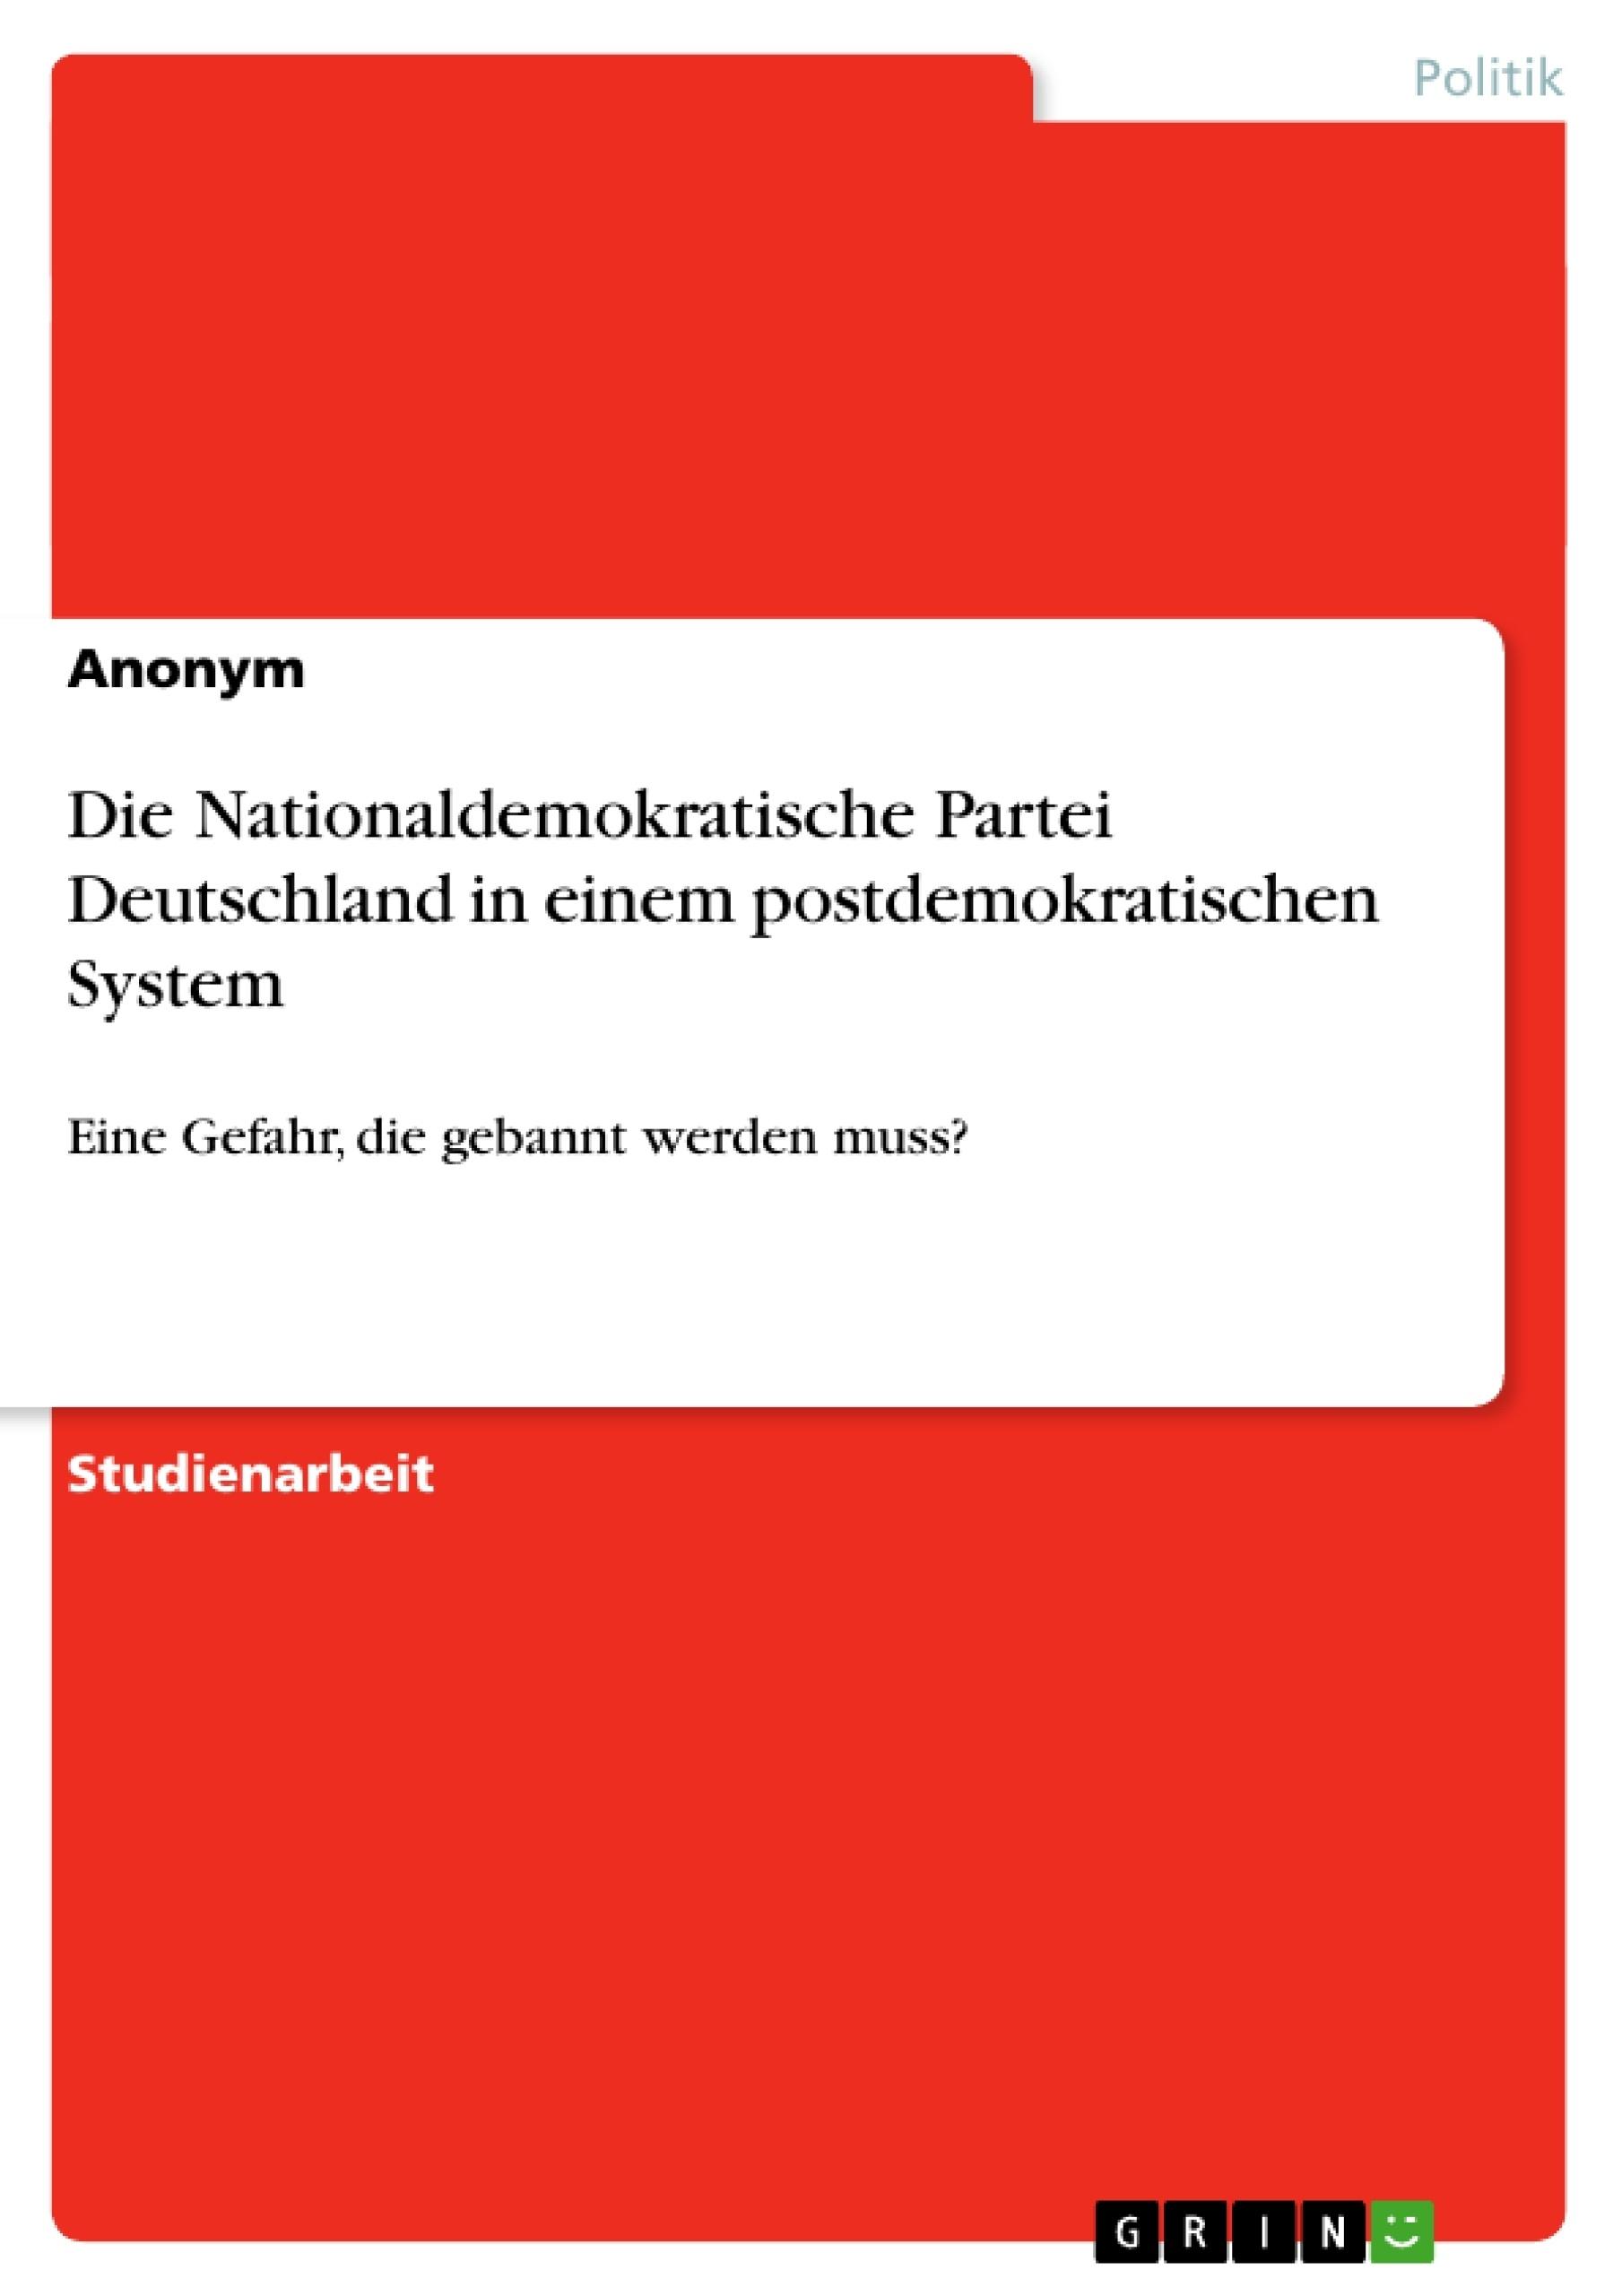 Titel: Die Nationaldemokratische Partei Deutschland in einem postdemokratischen System